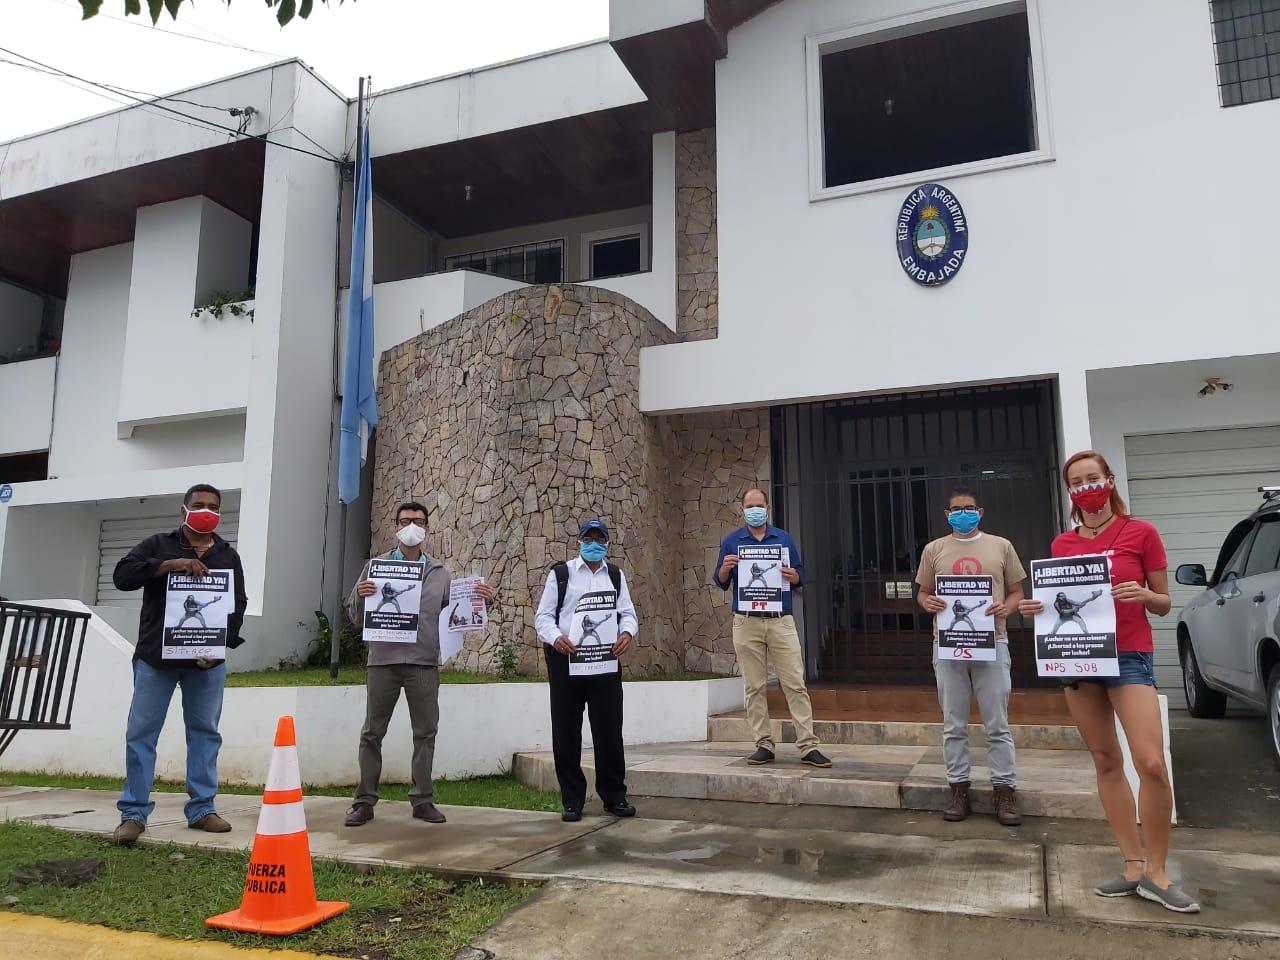 Exigen libertad para Sebastián Romero  en embajada de Argentina